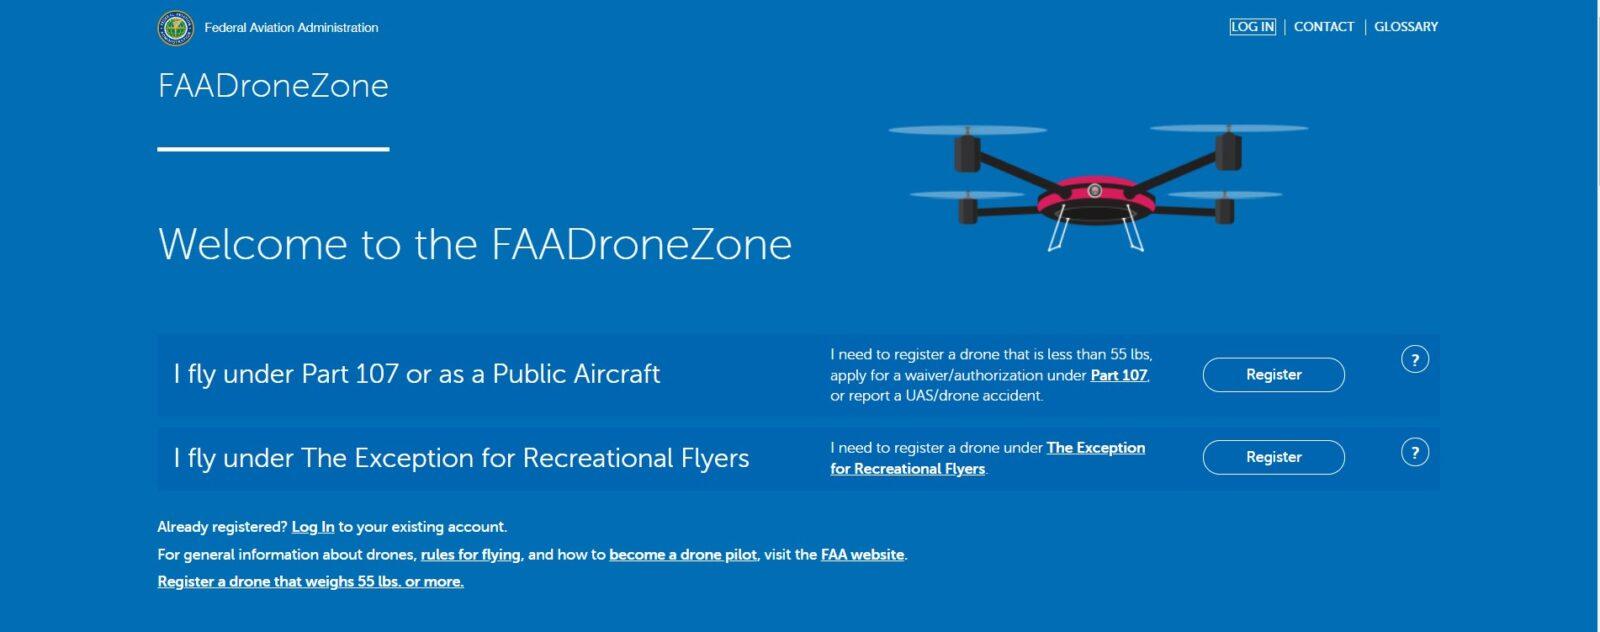 FAA проведет исследование усталости и отдыха пилотов дронов.